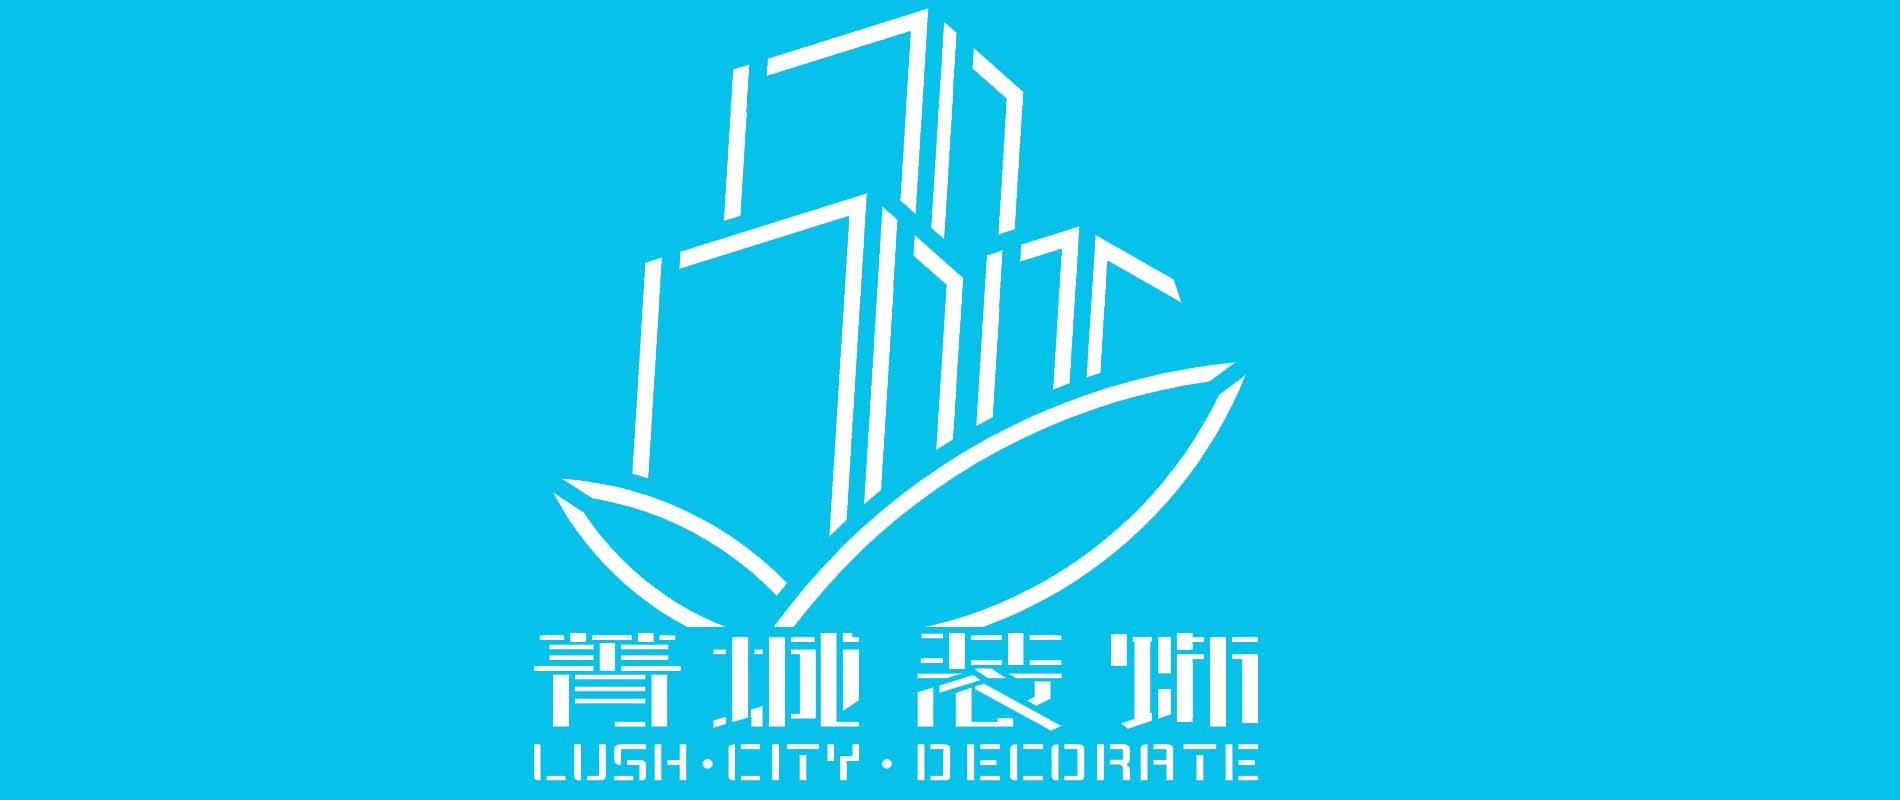 杭州菁城装饰工程有限公司